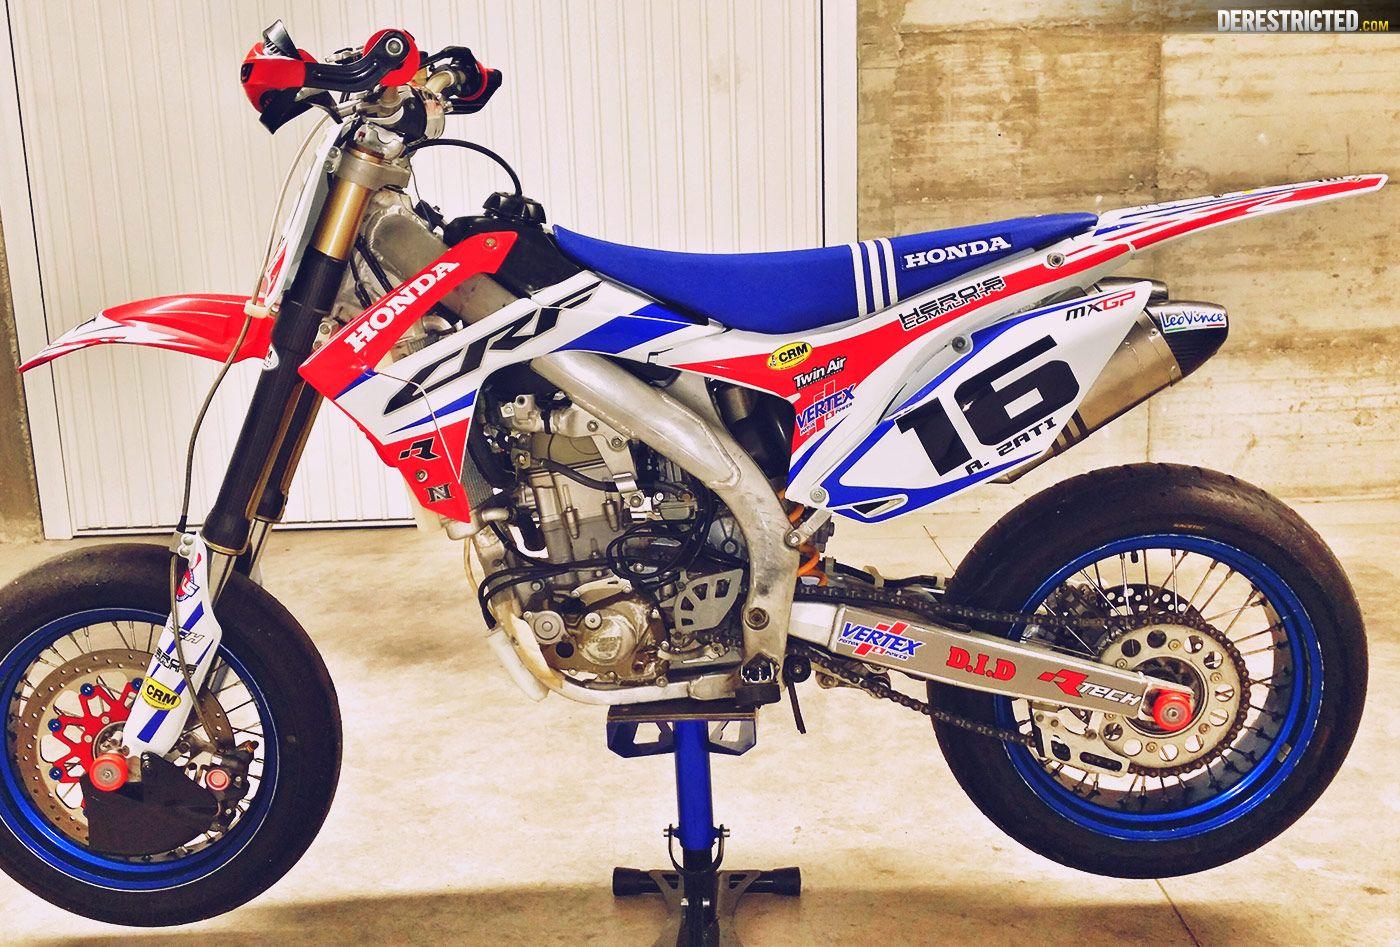 Honda supermoto bikes